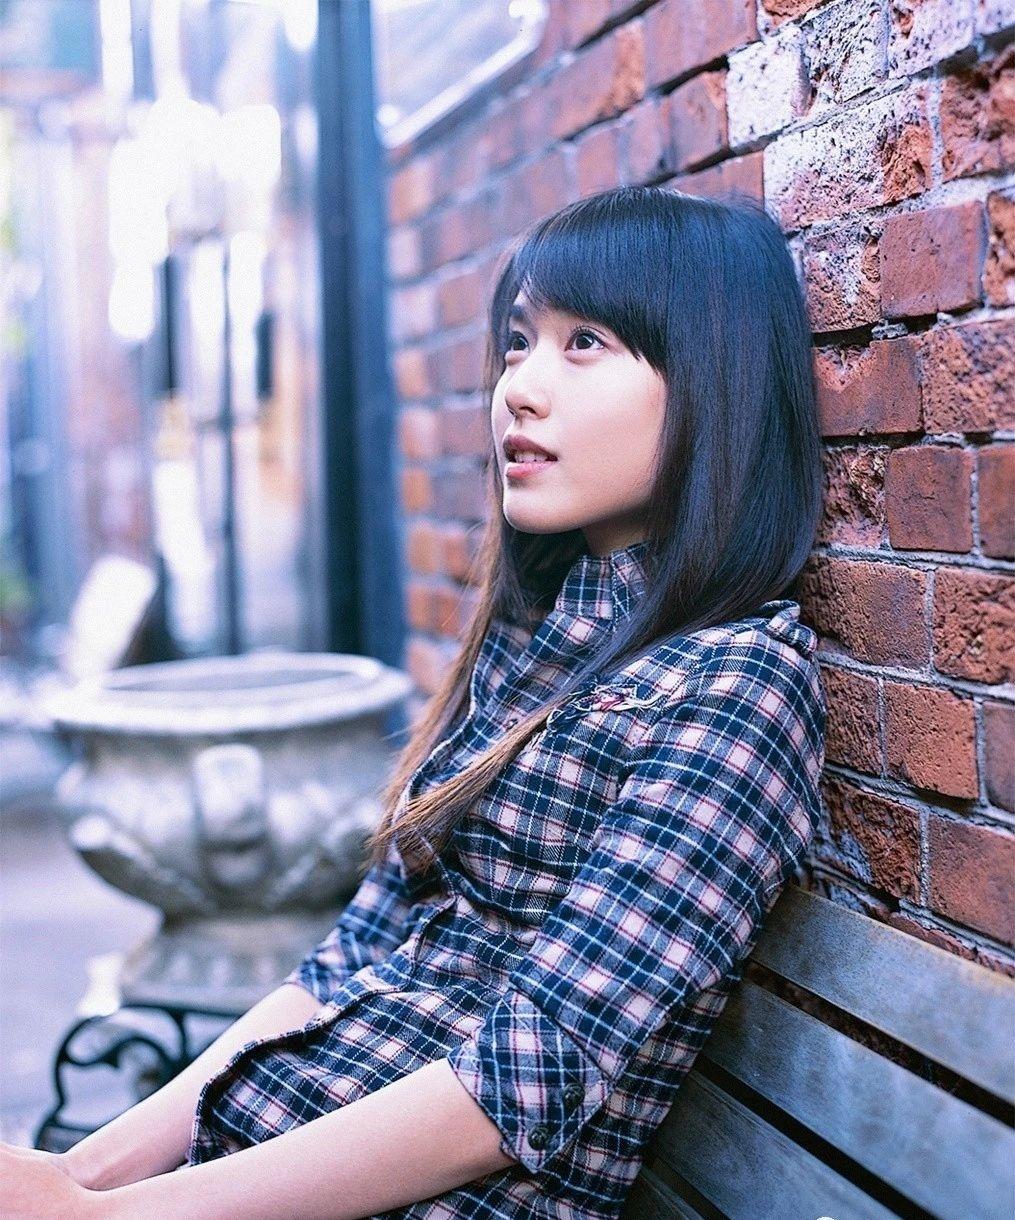 美的不可方物少女时代的户田惠梨香写真作品 (37)